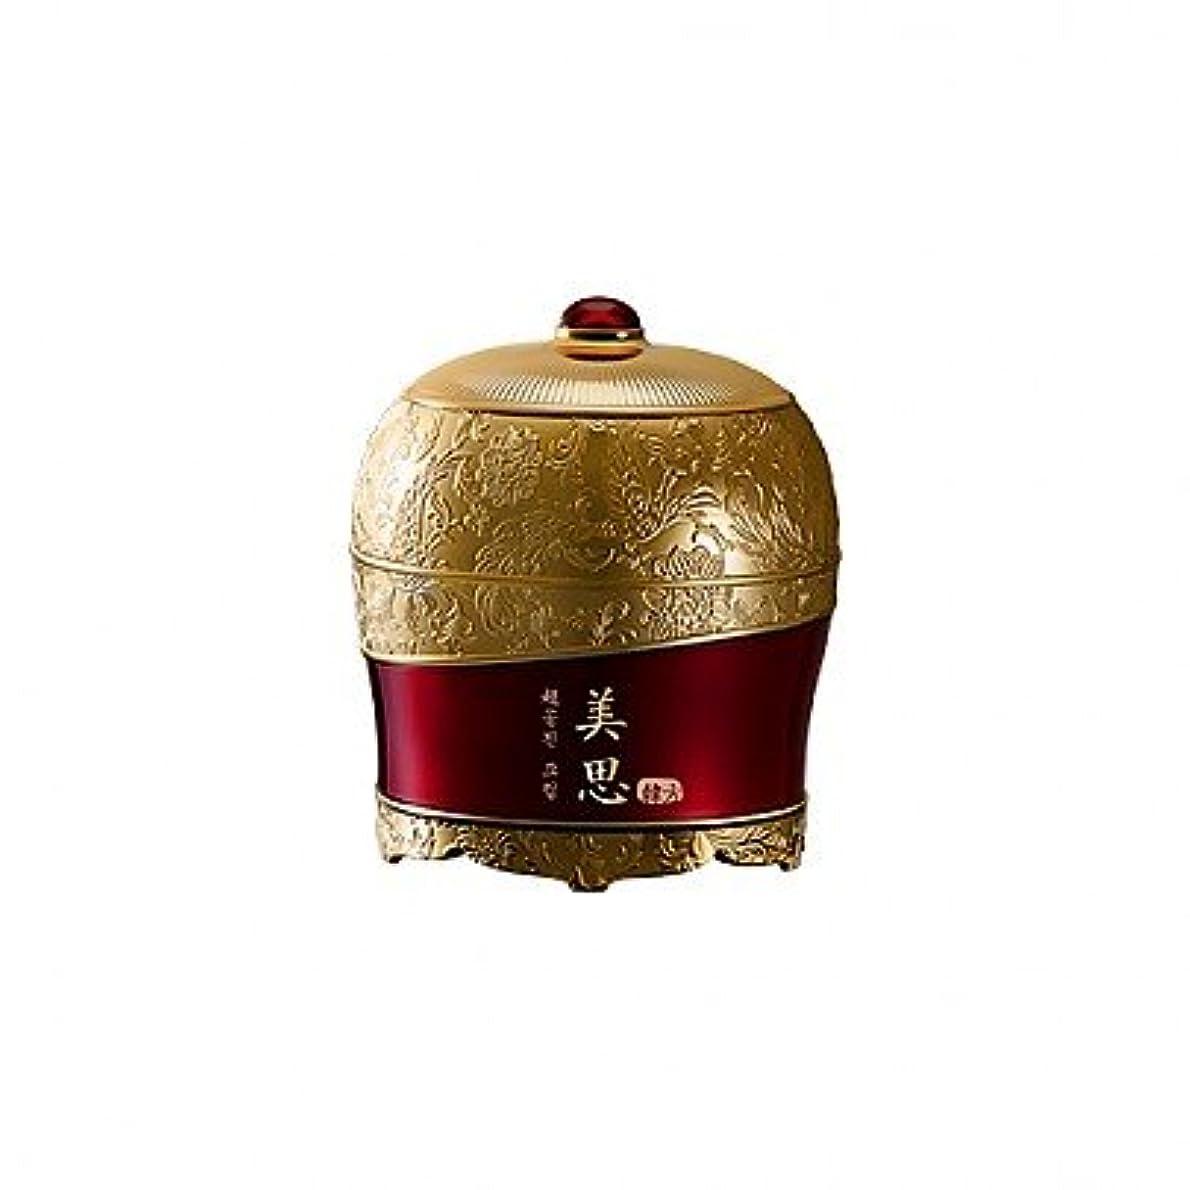 兄レスリングトラブルMISSHA/ミシャ チョゴンジン クリーム (旧チョボヤン) 60ml[海外直送品]